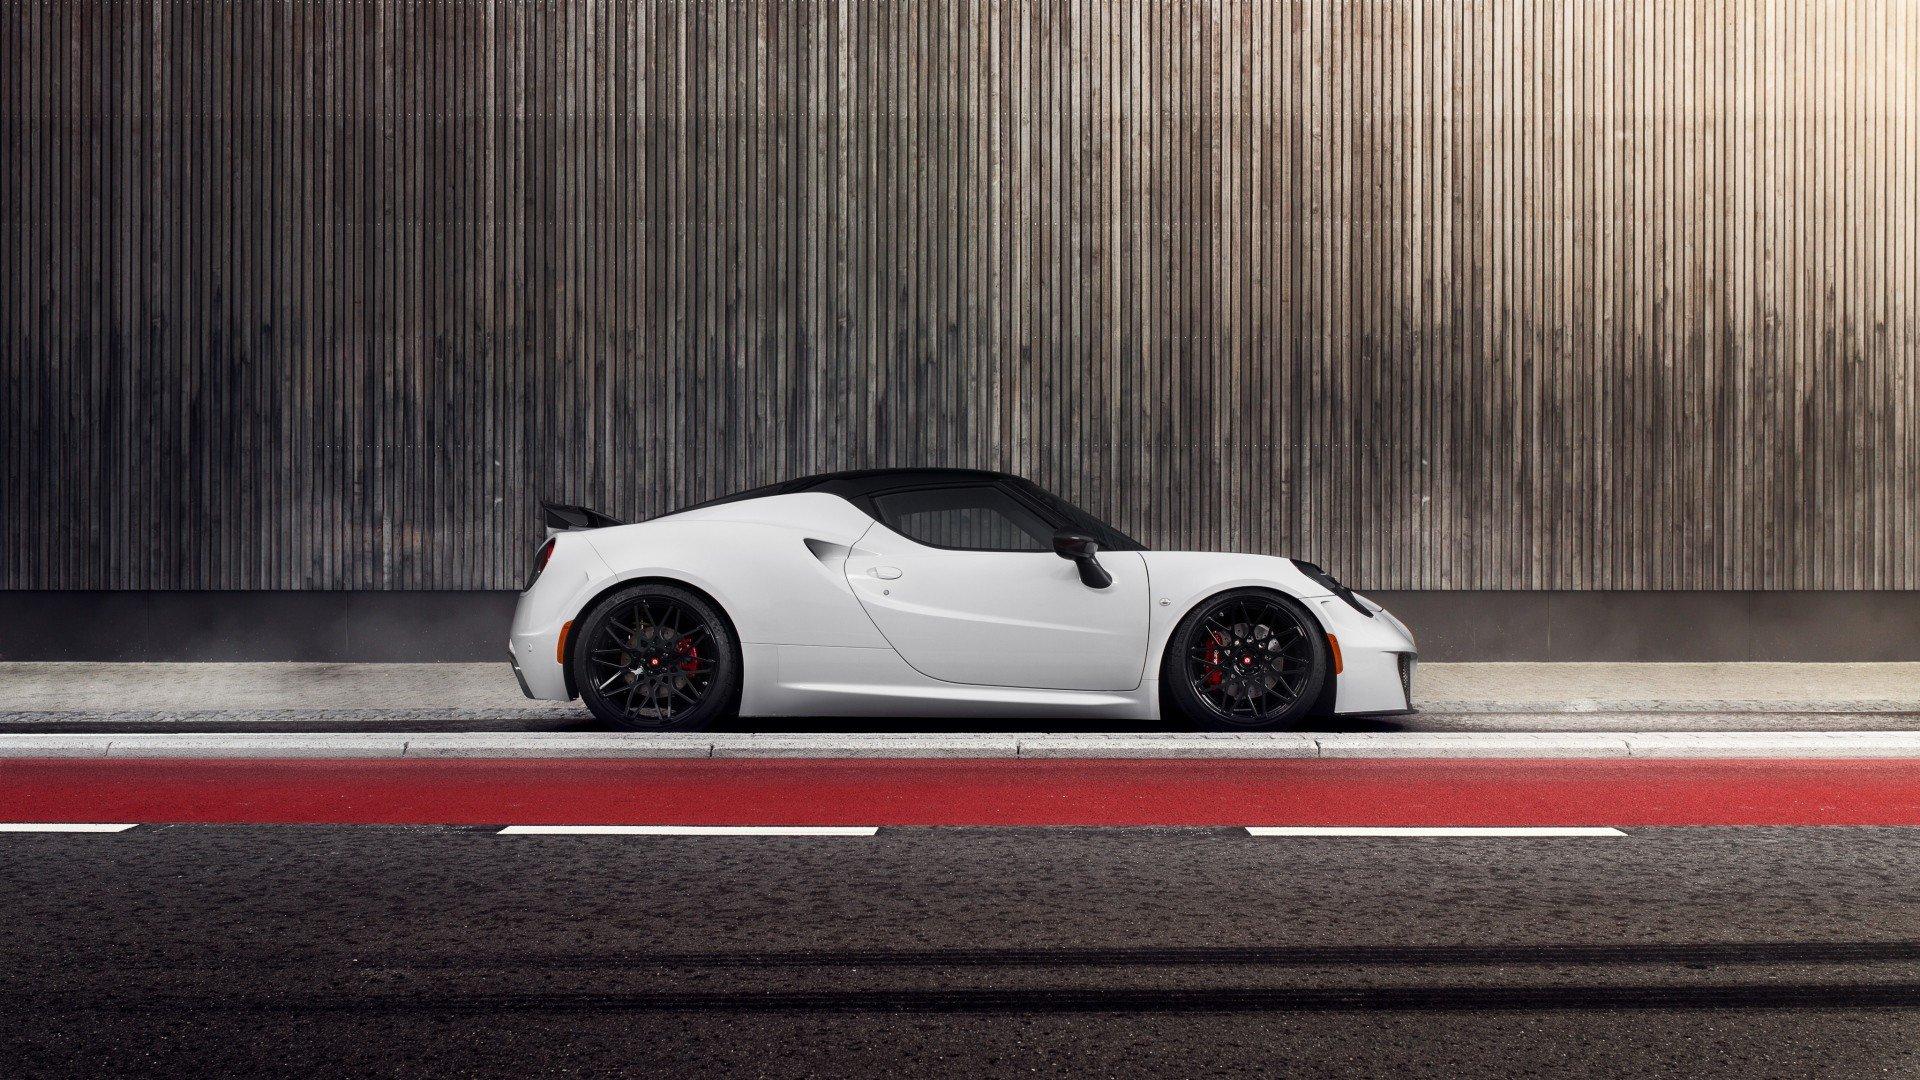 Alfa Romeo 4c >> Alfa Romeo 4C, HD Cars, 4k Wallpapers, Images, Backgrounds ...